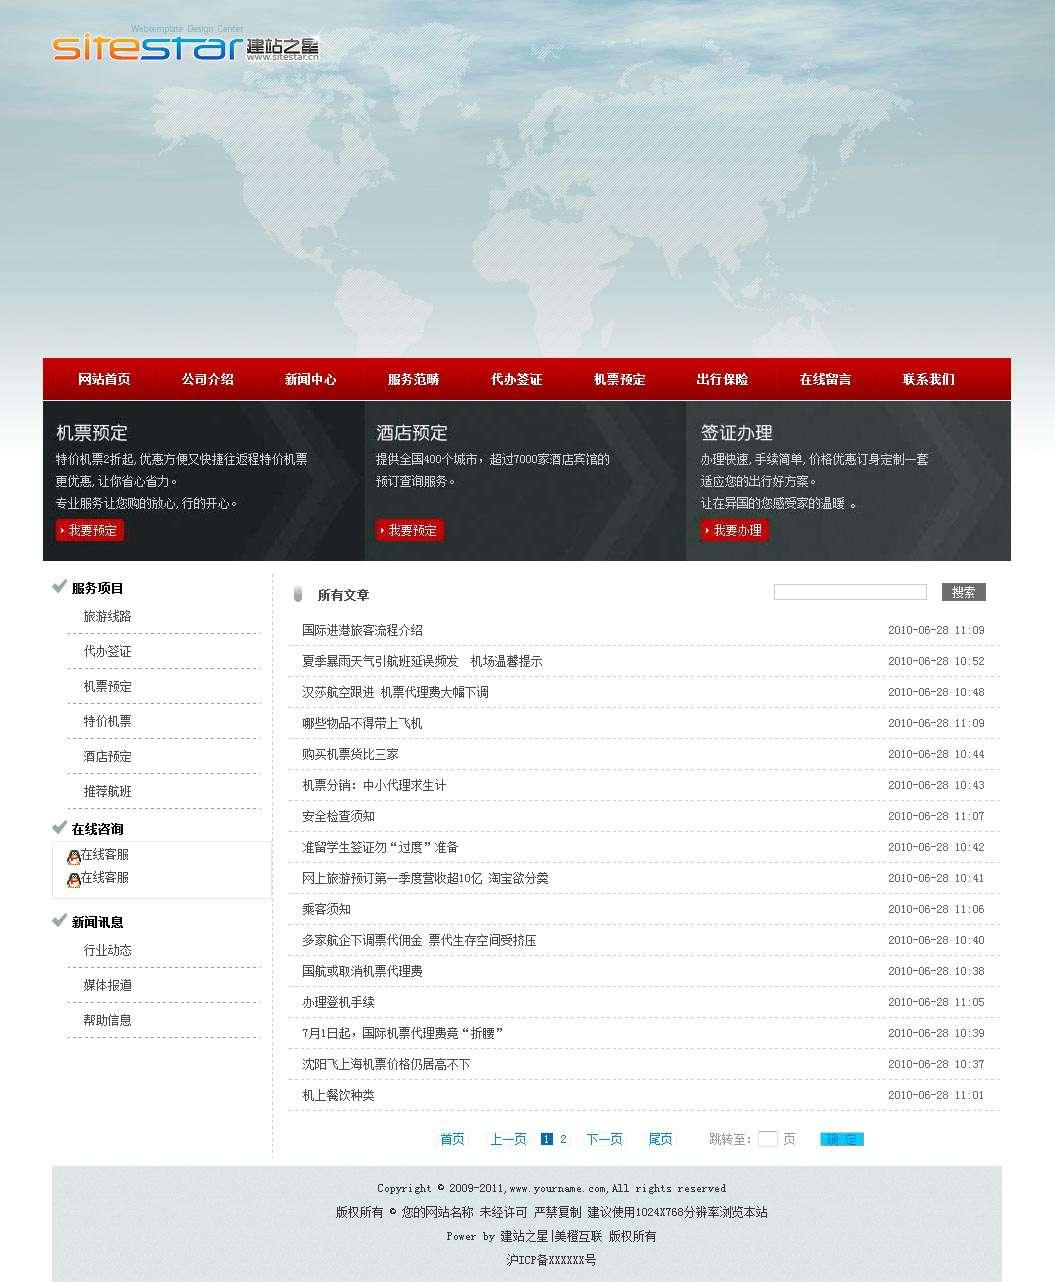 企业网站-票务A1模板列表页面